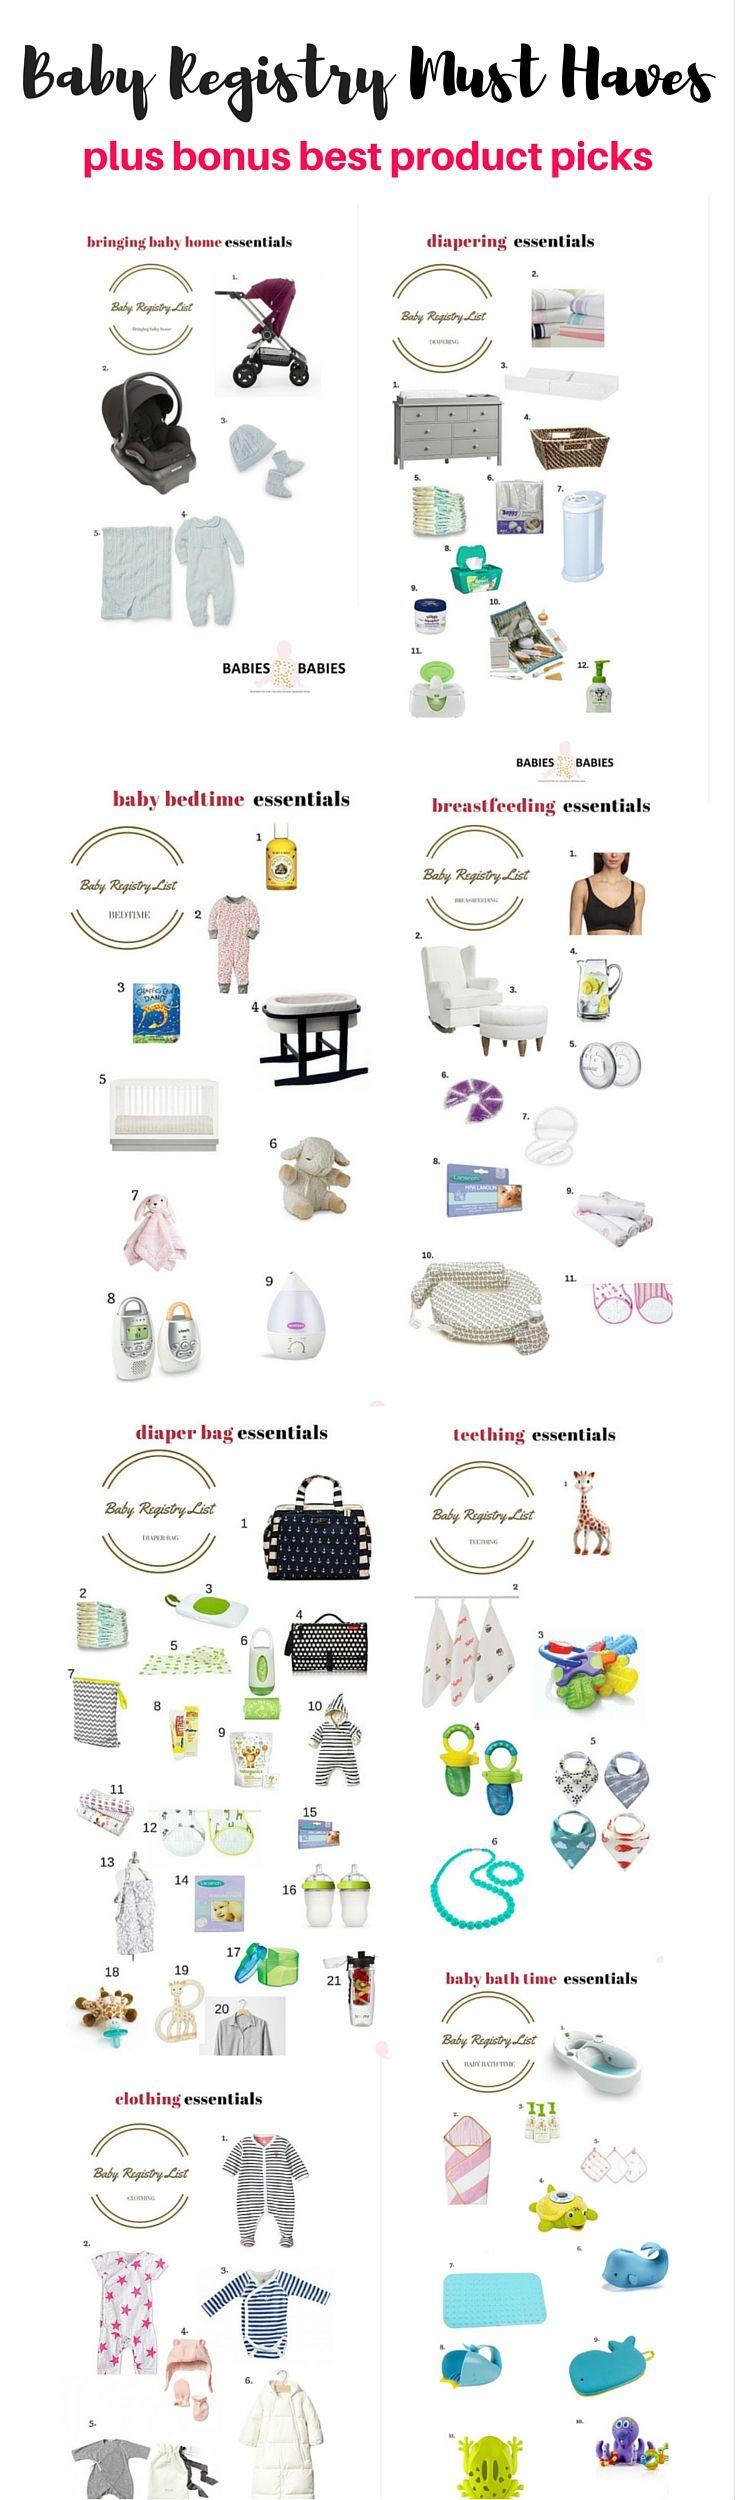 25+ best Baby registry checklist ideas on Pinterest | Baby list ...